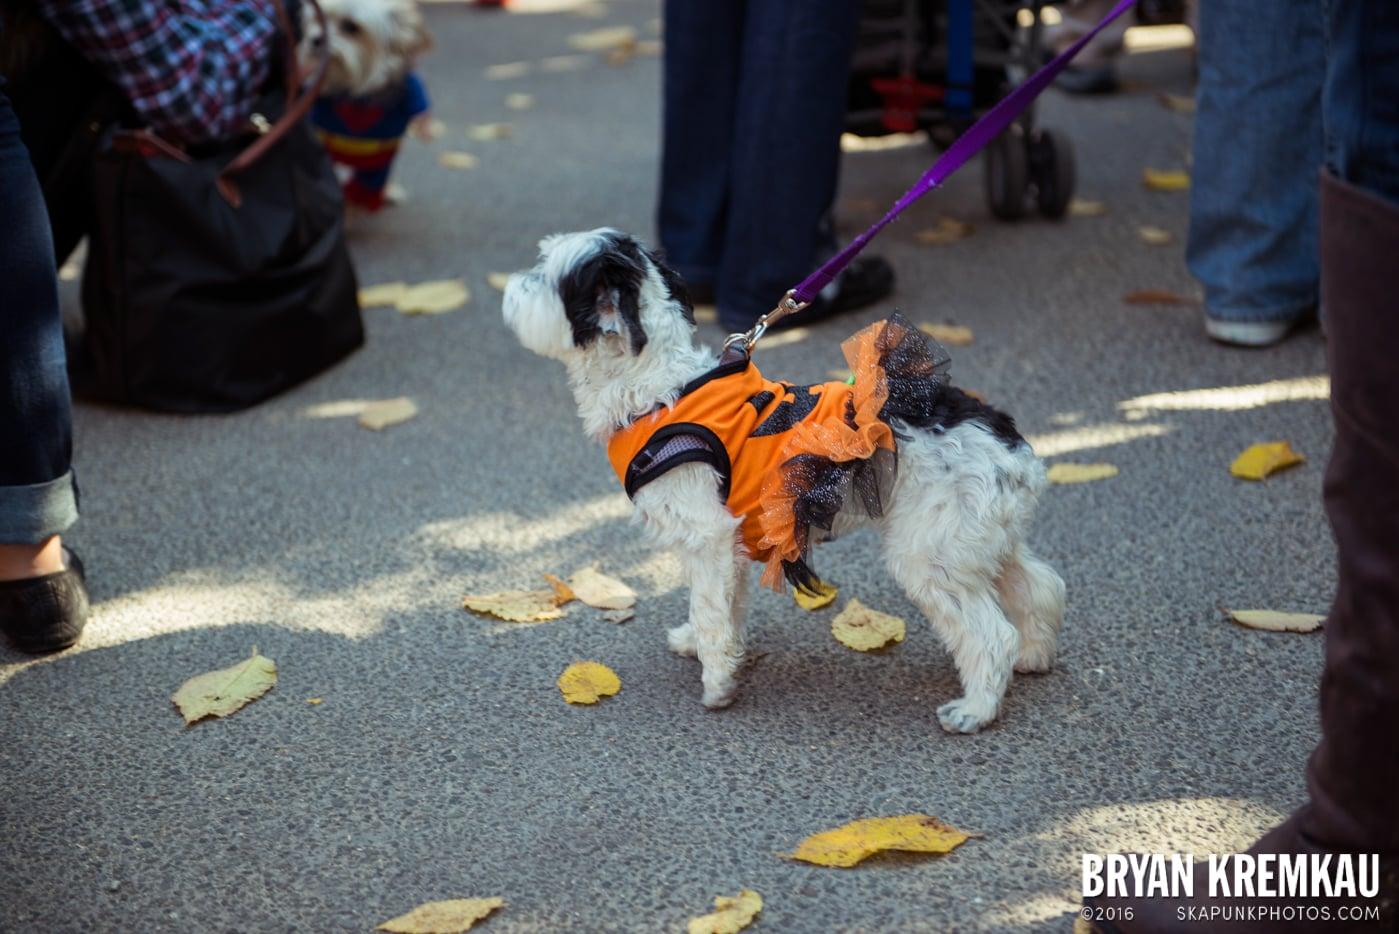 Tompkins Square Halloween Dog Parade 2013 @ Tompkins Square Park, NYC - 10.26.13 (61)